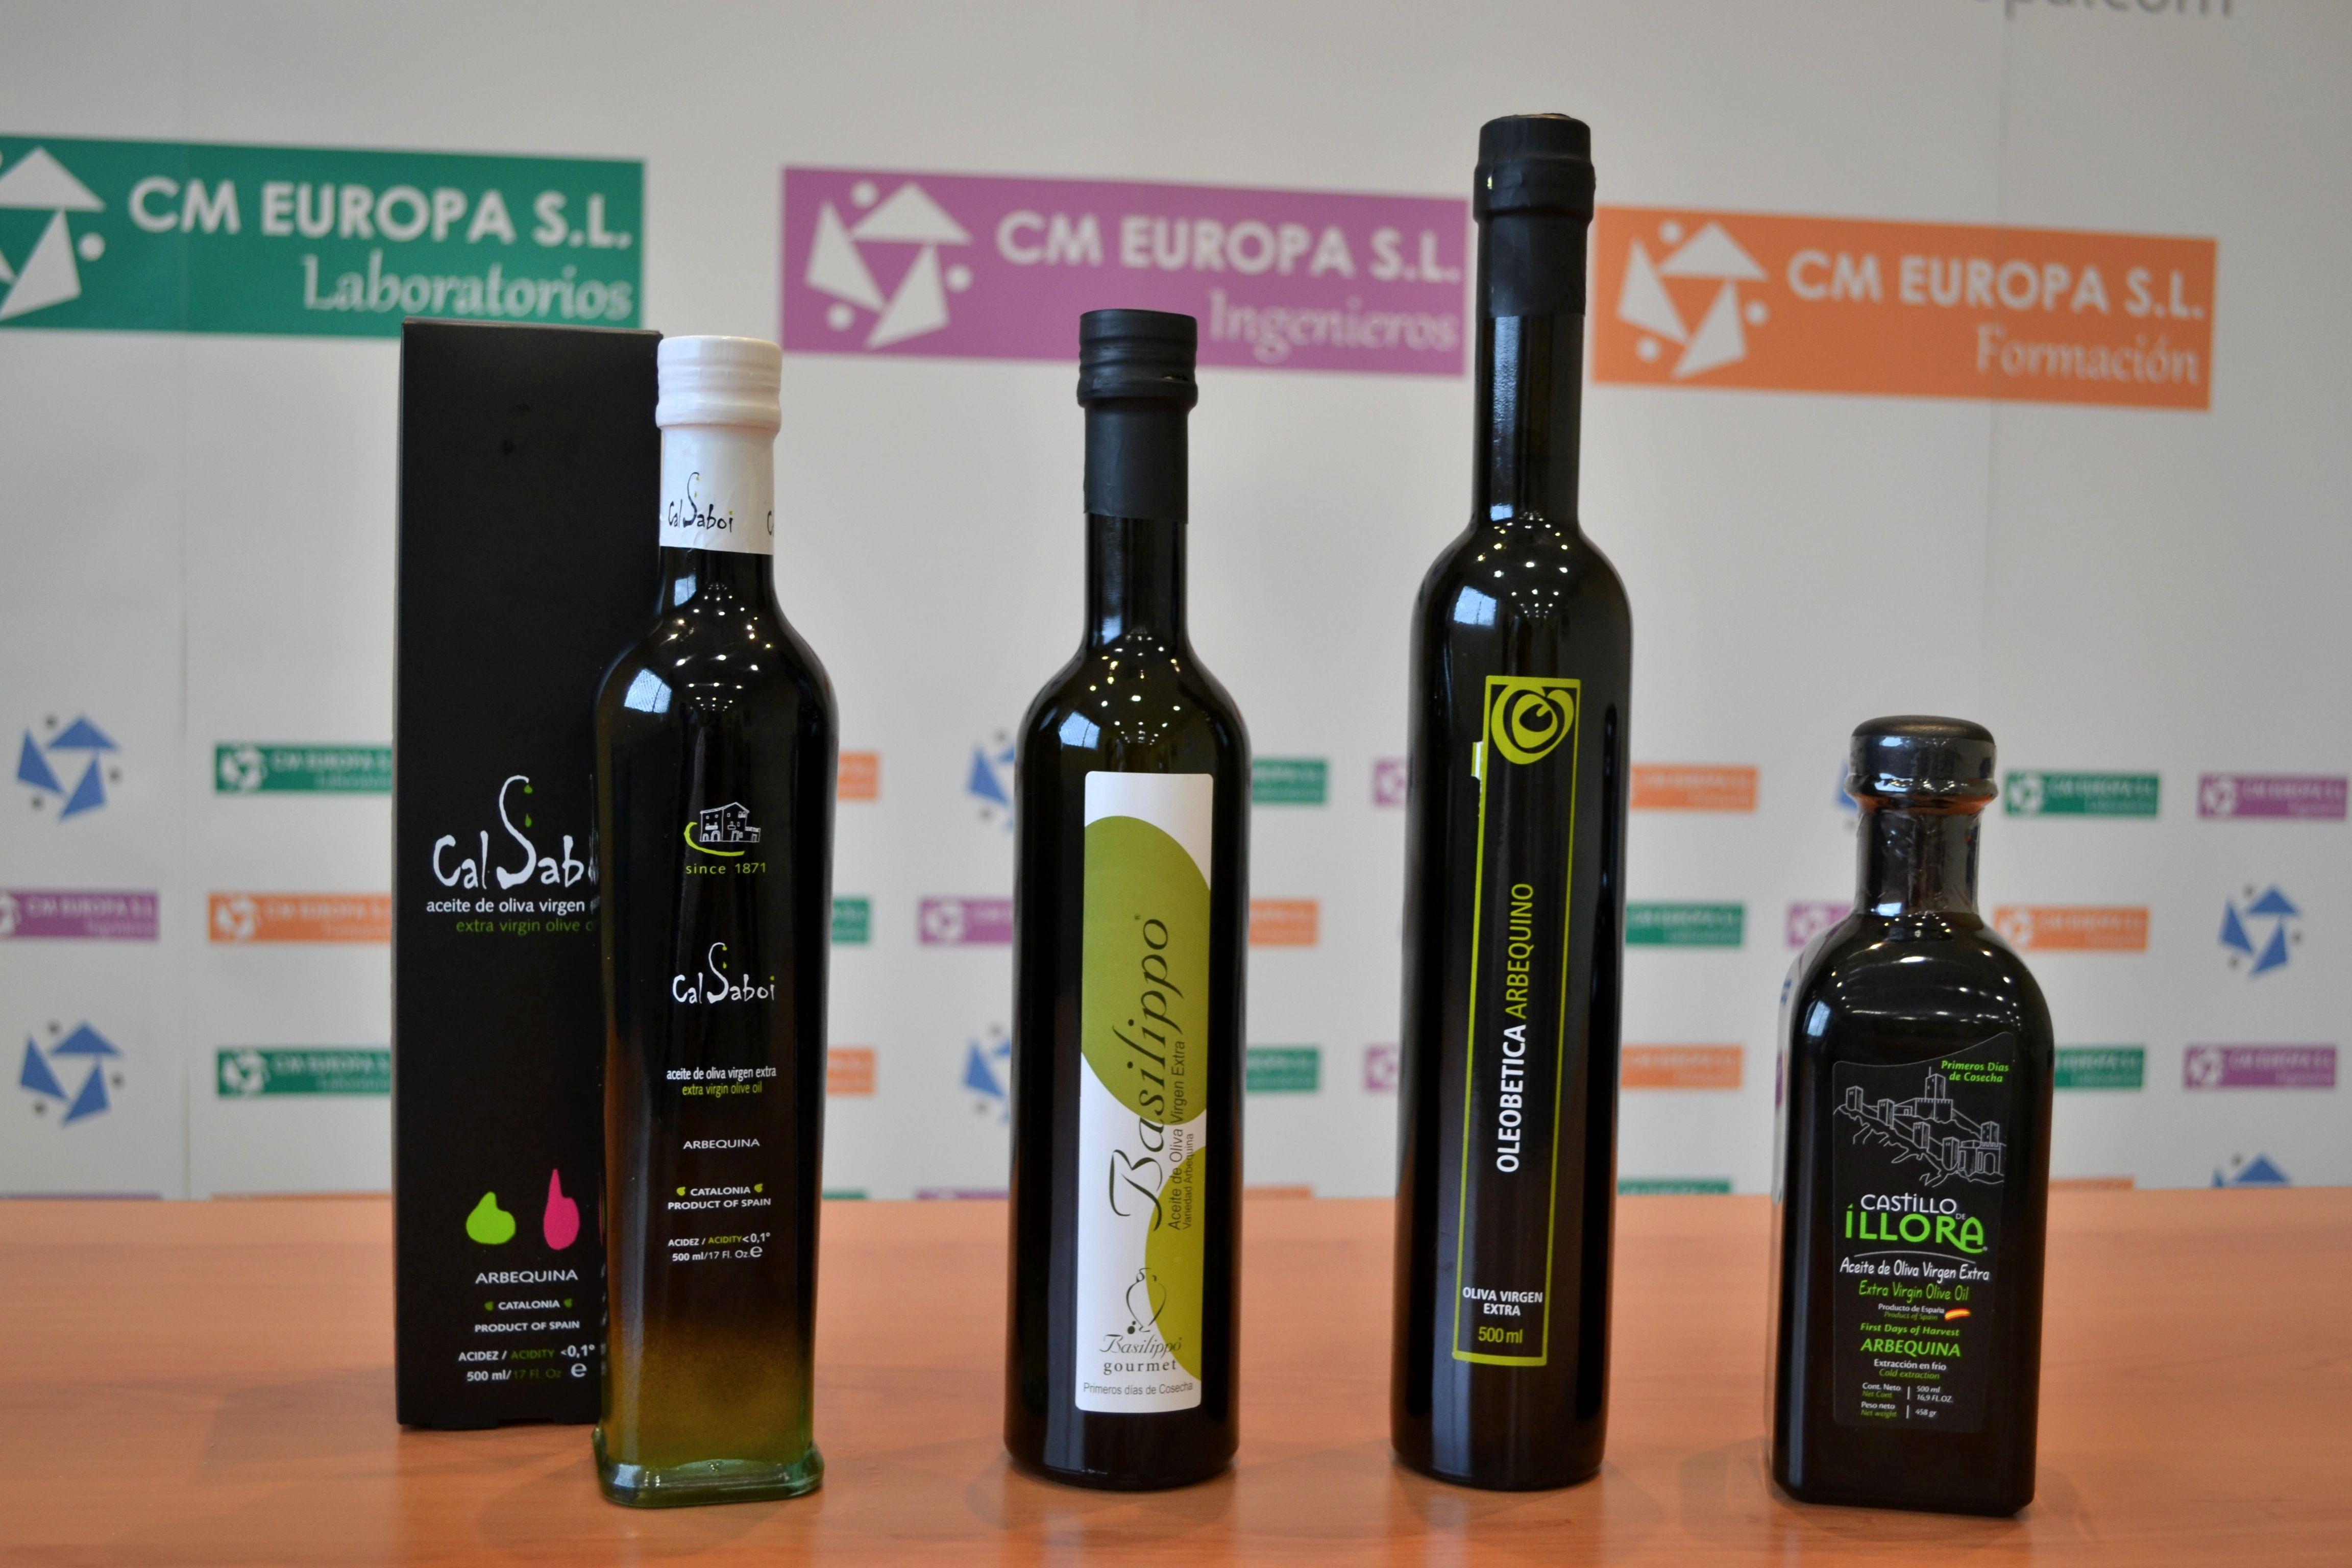 Aceites de Oliva Vírgenes Extras presentes en #Twittsandaove 2013 de la variedad Arbequina